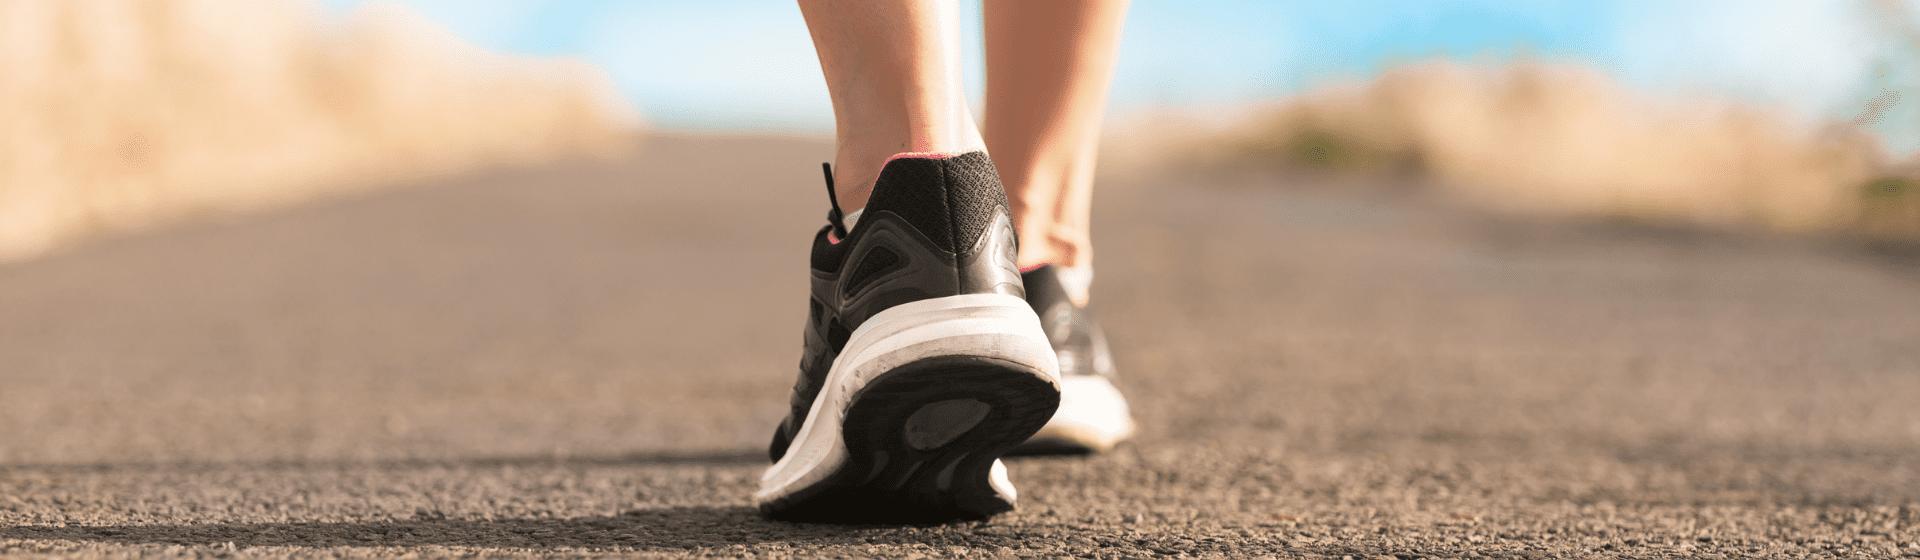 Tênis feminino para caminhada: 7 opções para comprar em 2021